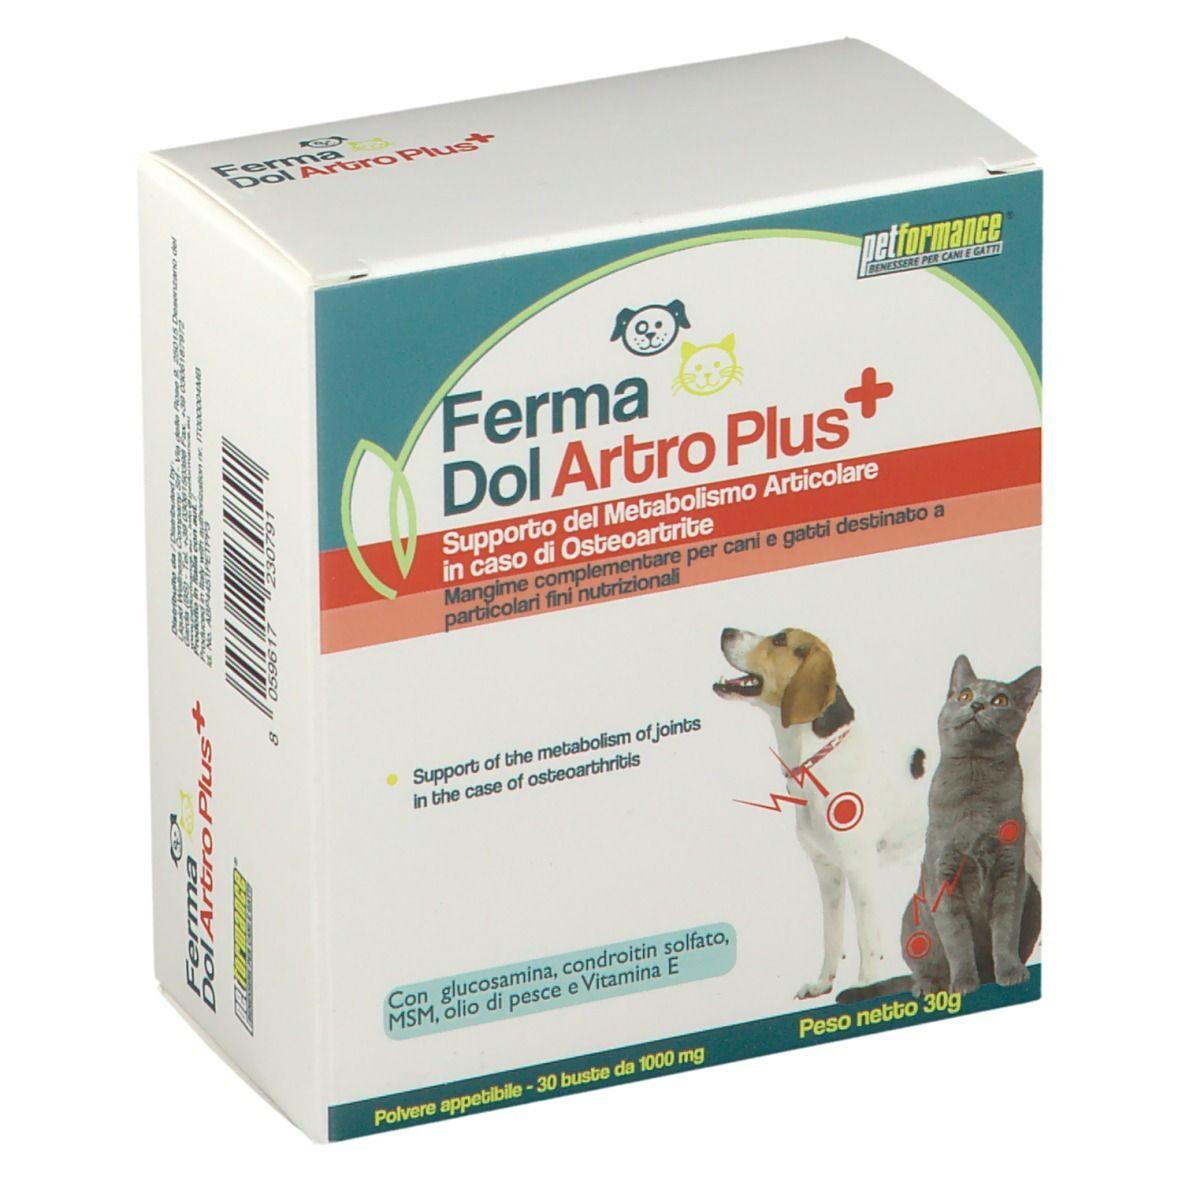 Liquid Wellness Company Srl PetformanceFermaDol Artro Plus 30 g polvere per la preparazione di u